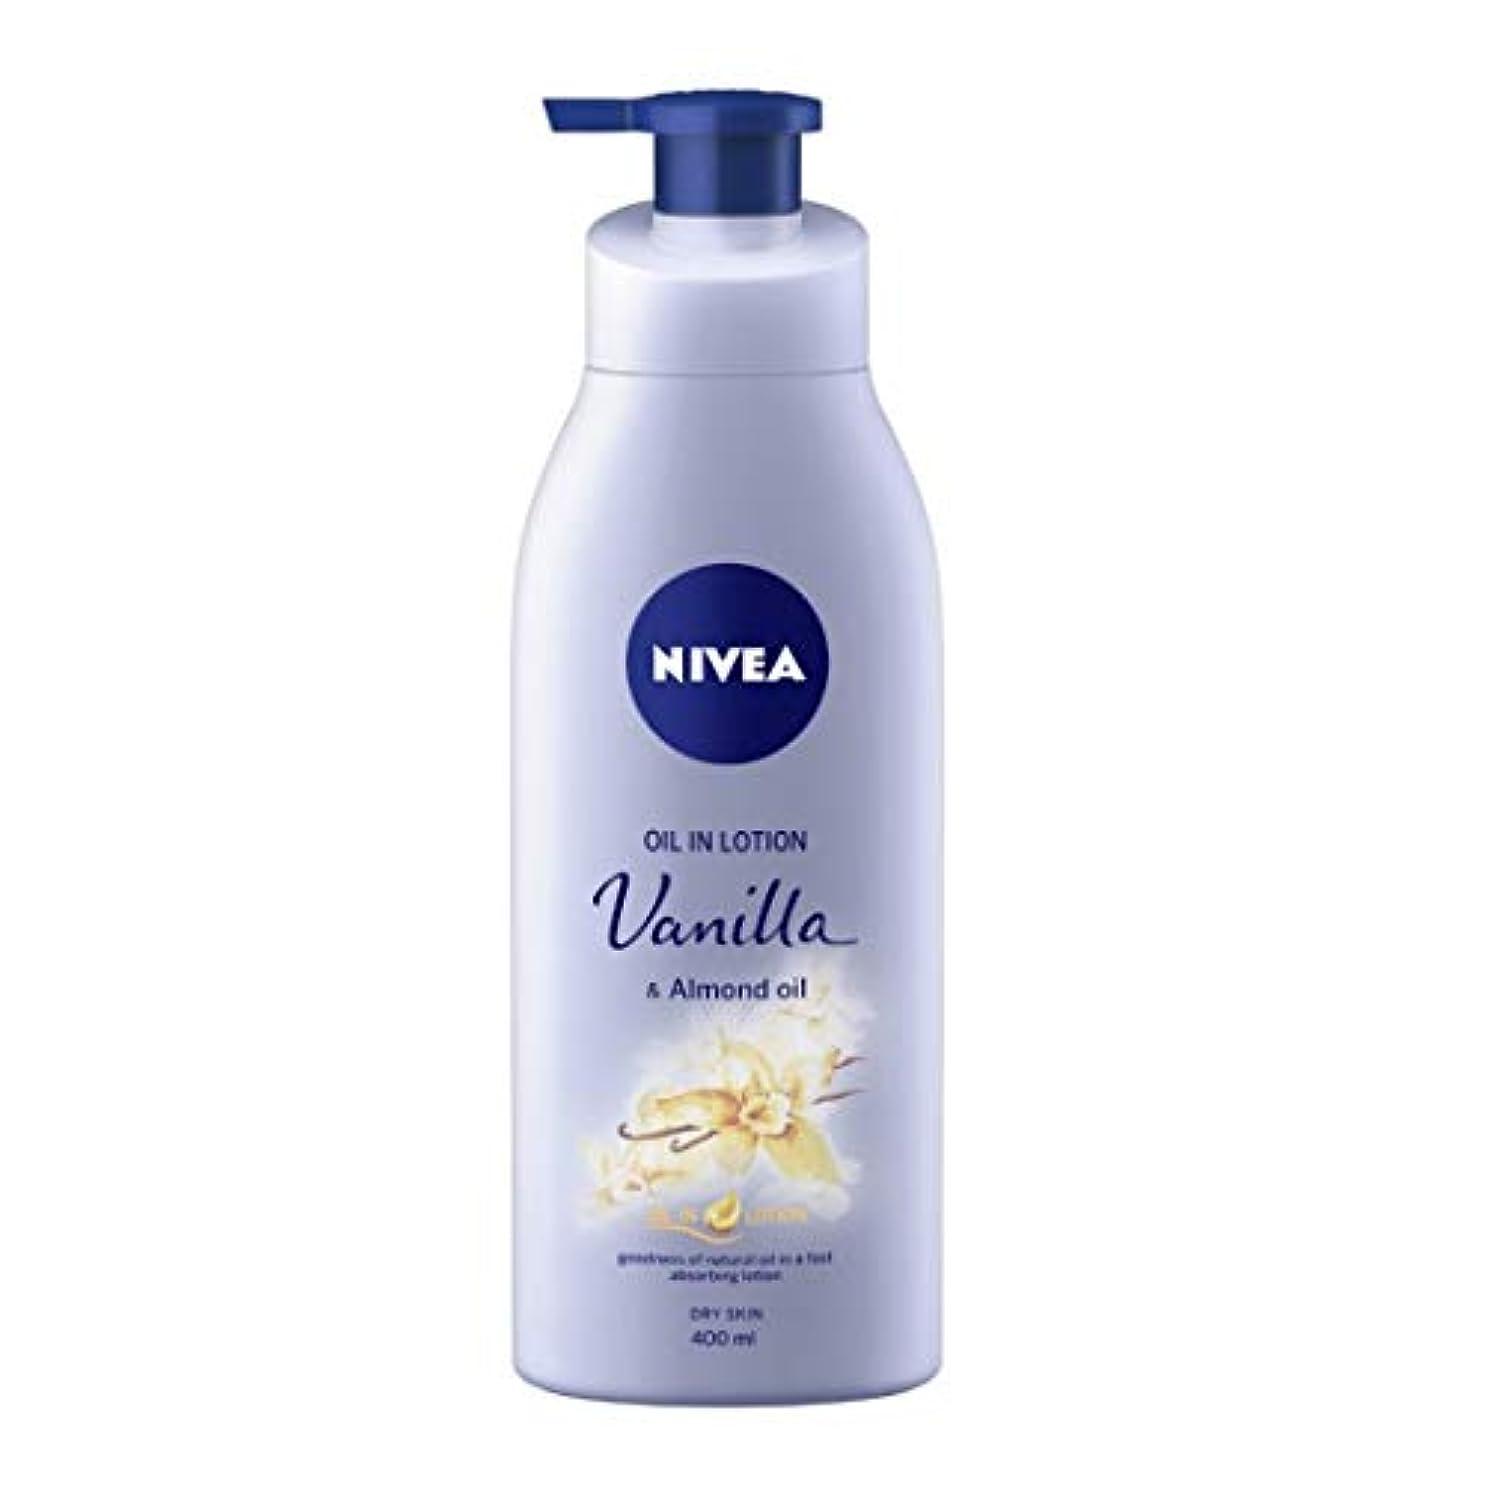 NIVEA Oil in Lotion, Vanilla and Almond Oil, 400ml